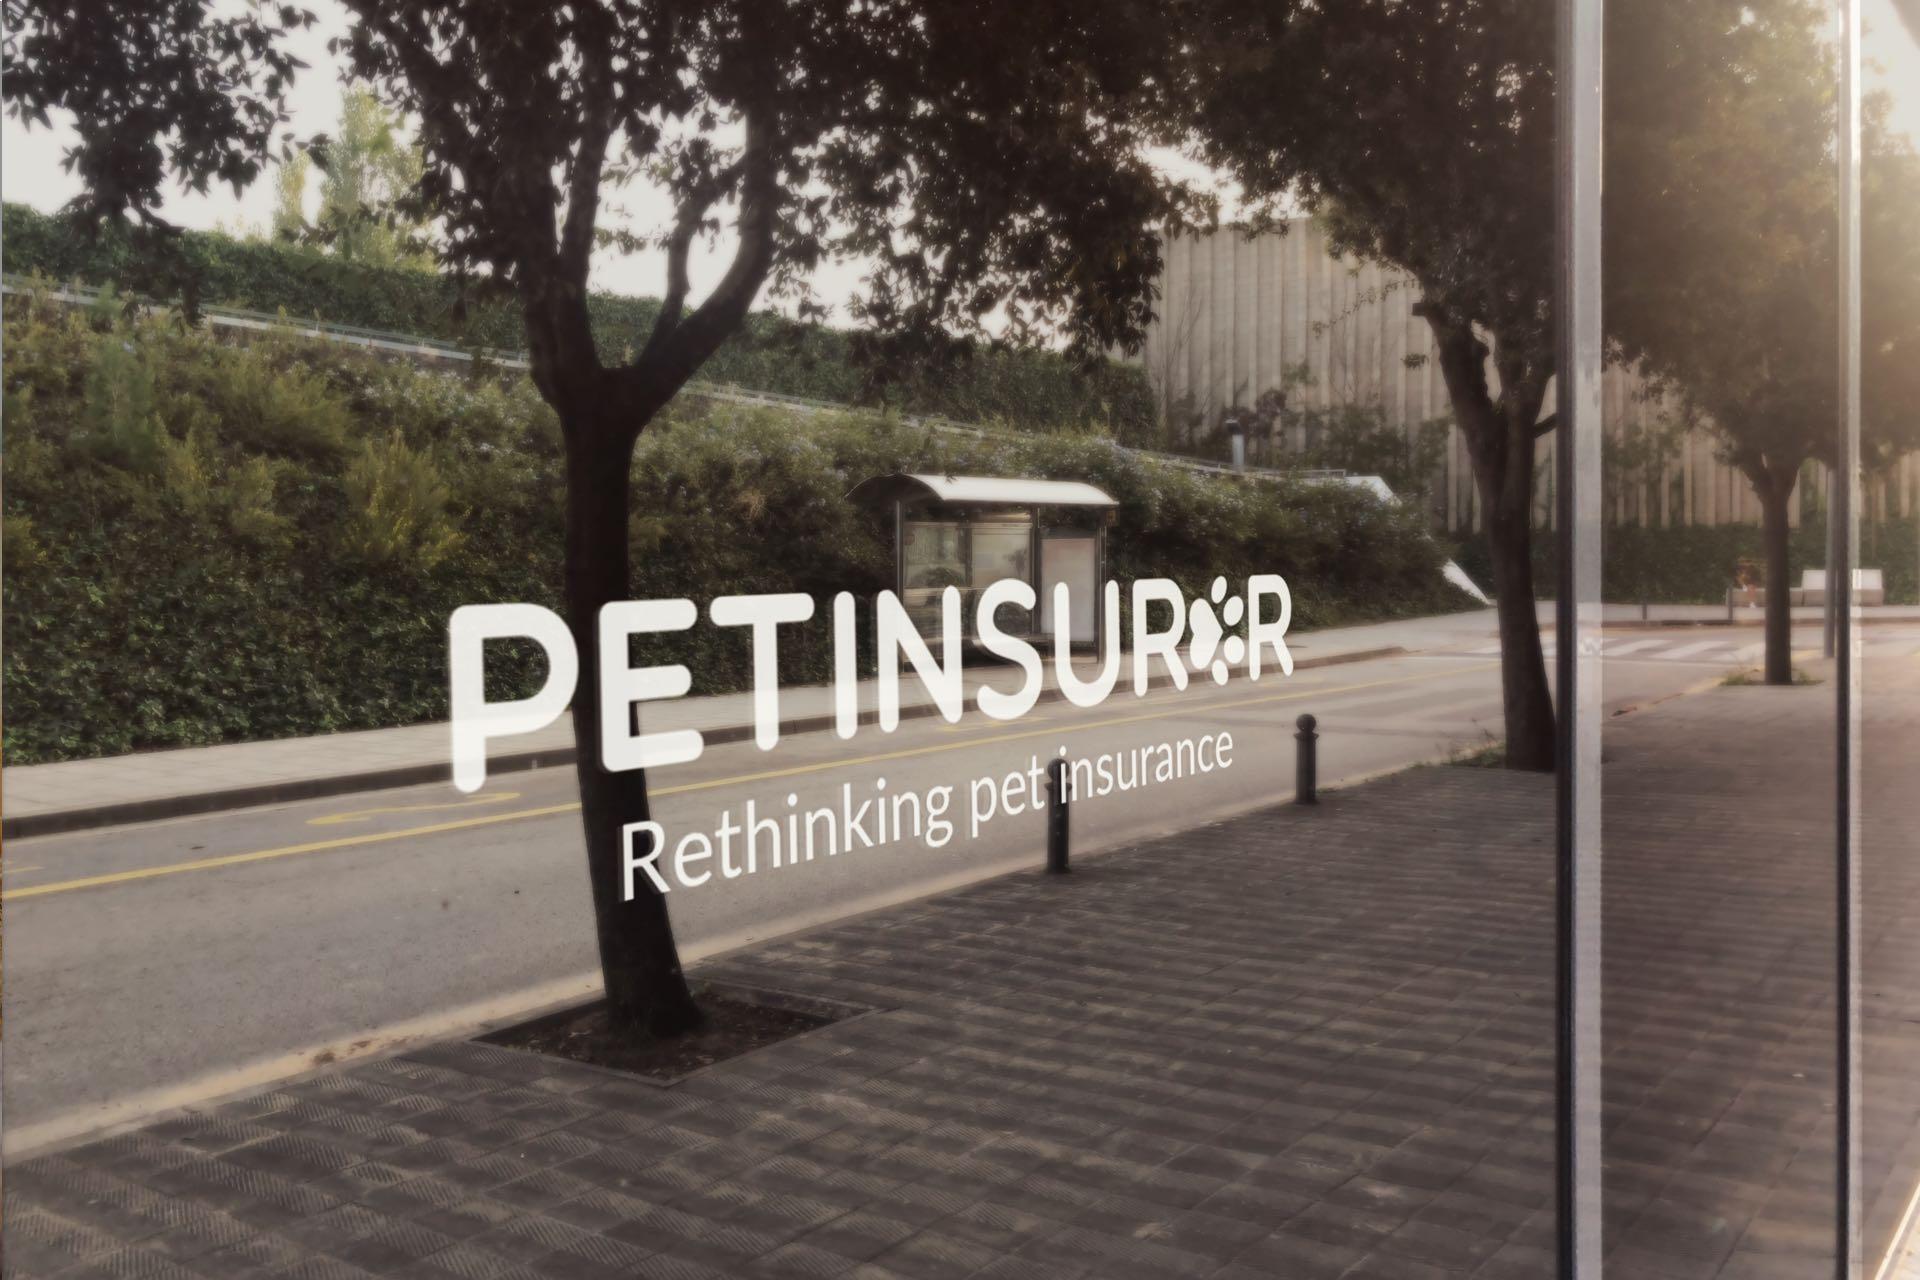 petinsurer logo window store client yeti